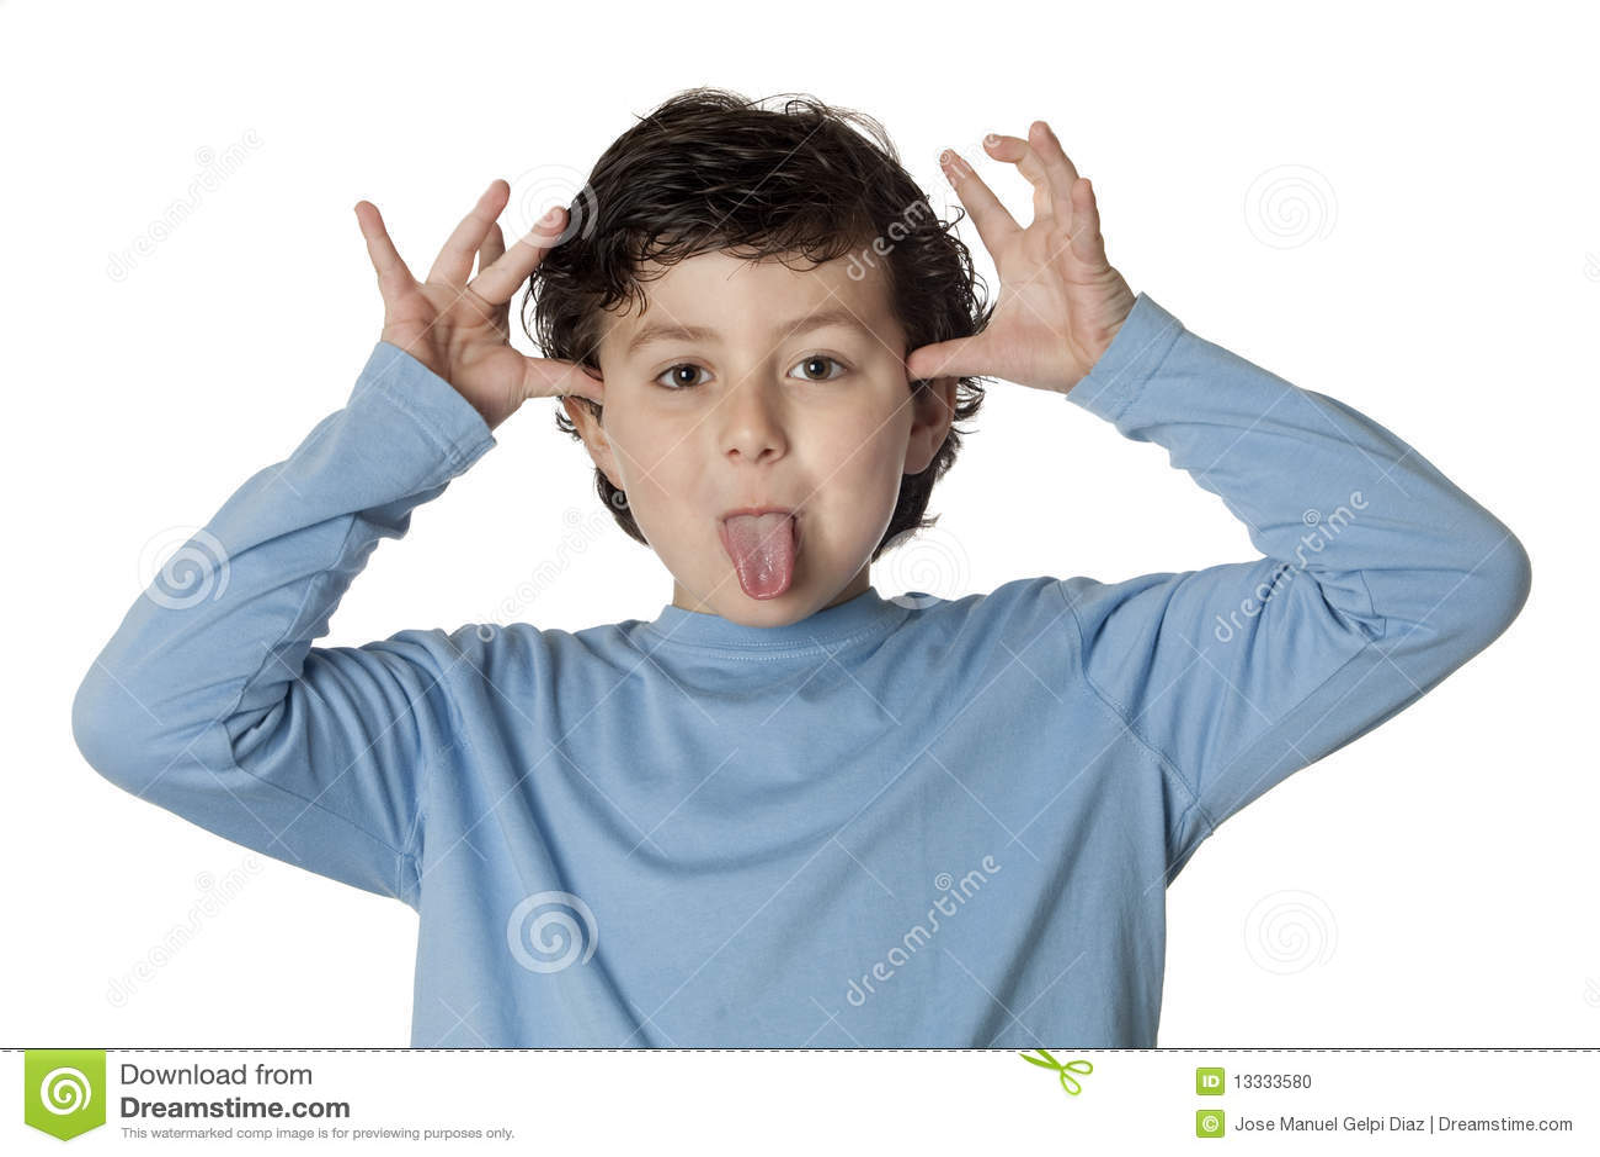 Funny Mocking Child Stock Photo - Image: 13333580